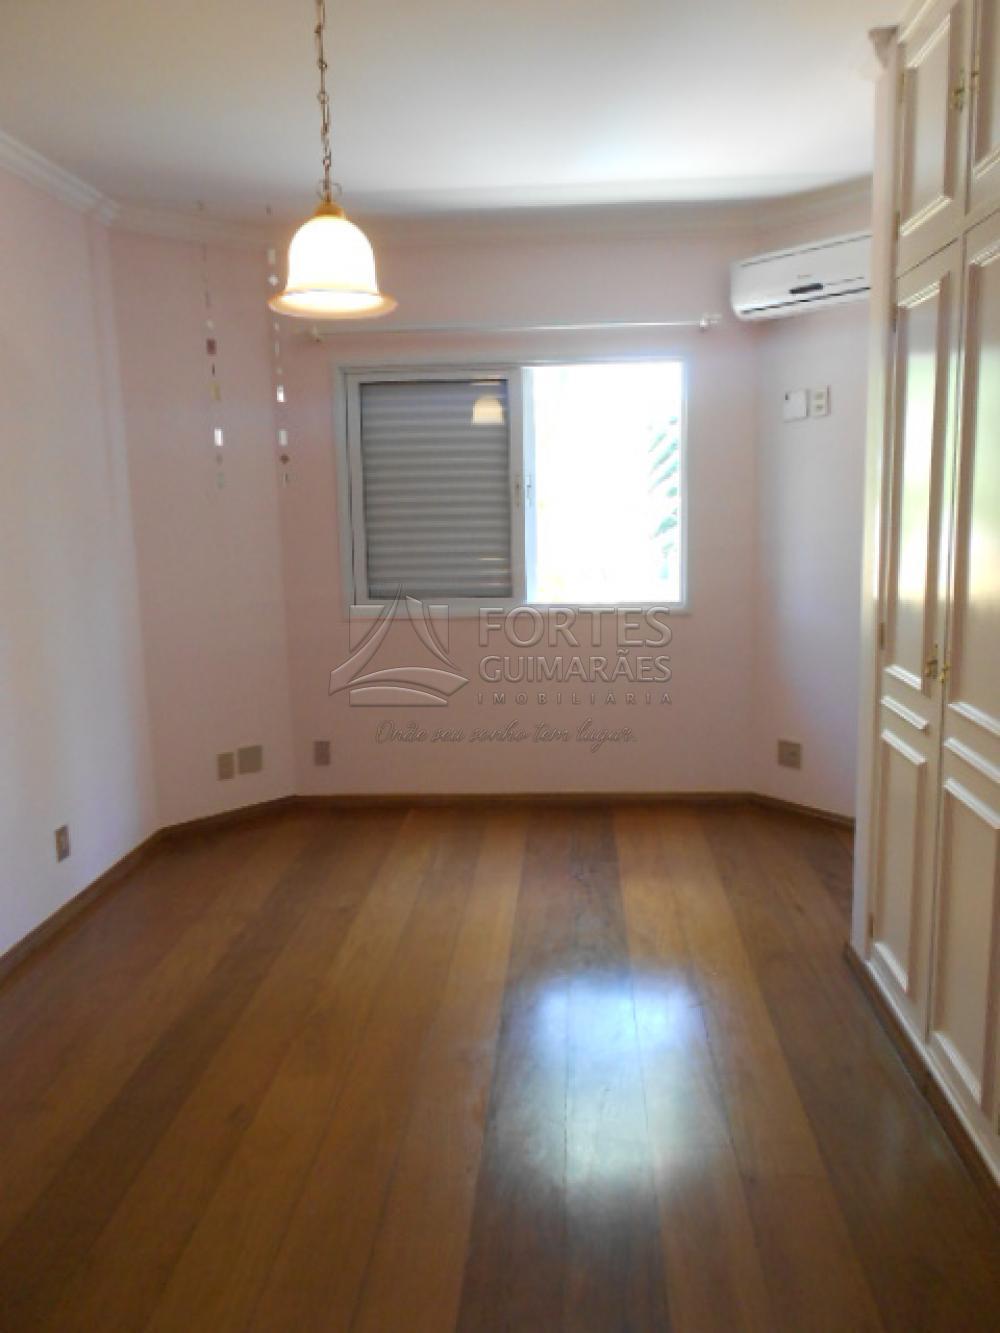 Alugar Casas / Padrão em Ribeirão Preto apenas R$ 6.000,00 - Foto 39